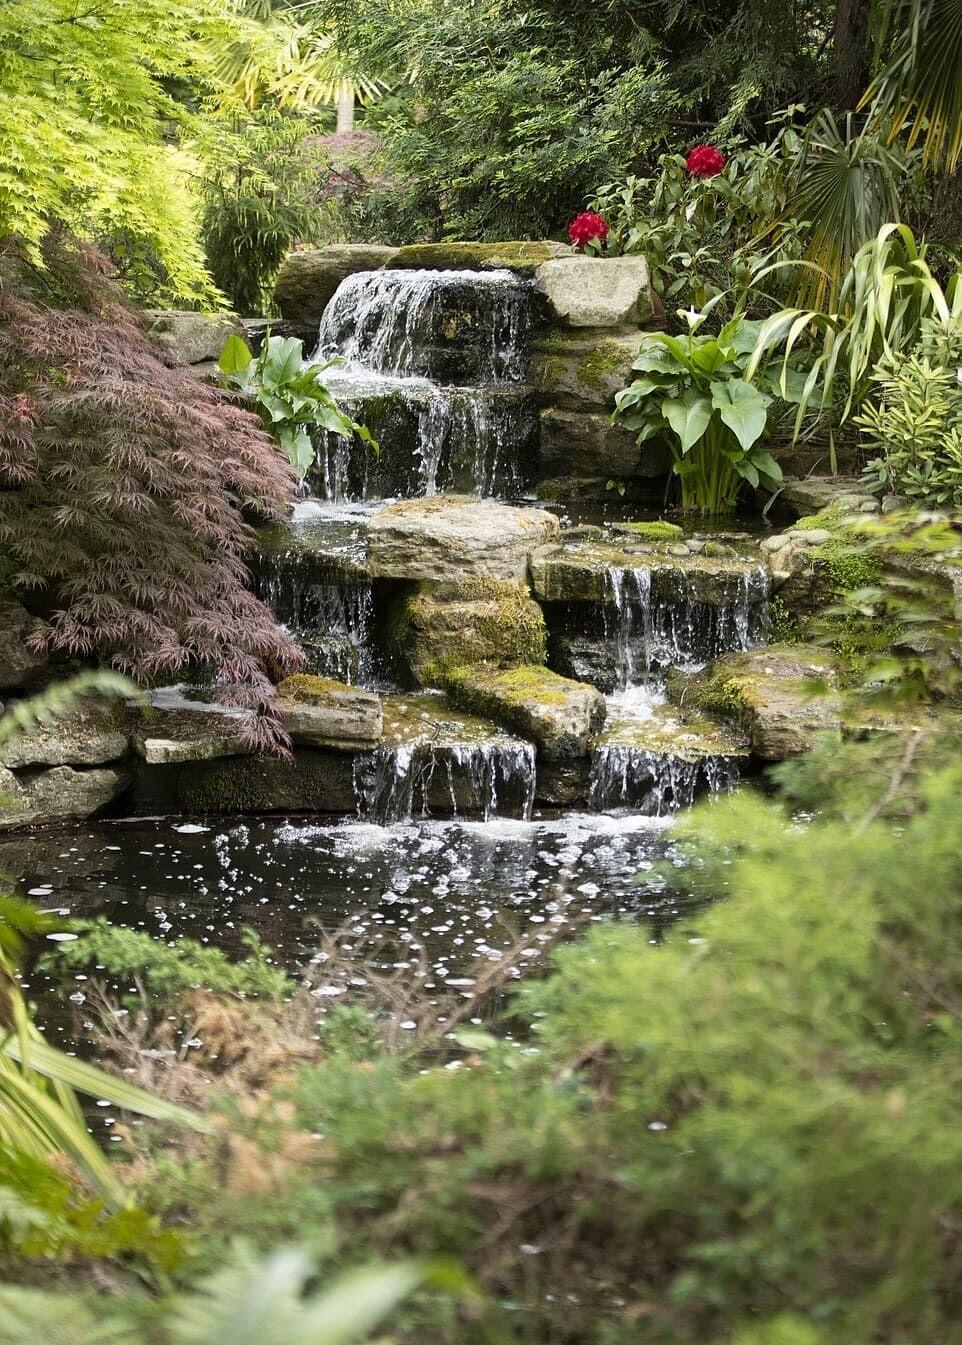 イギリス 日本庭園 和風庭園 ガーデニング